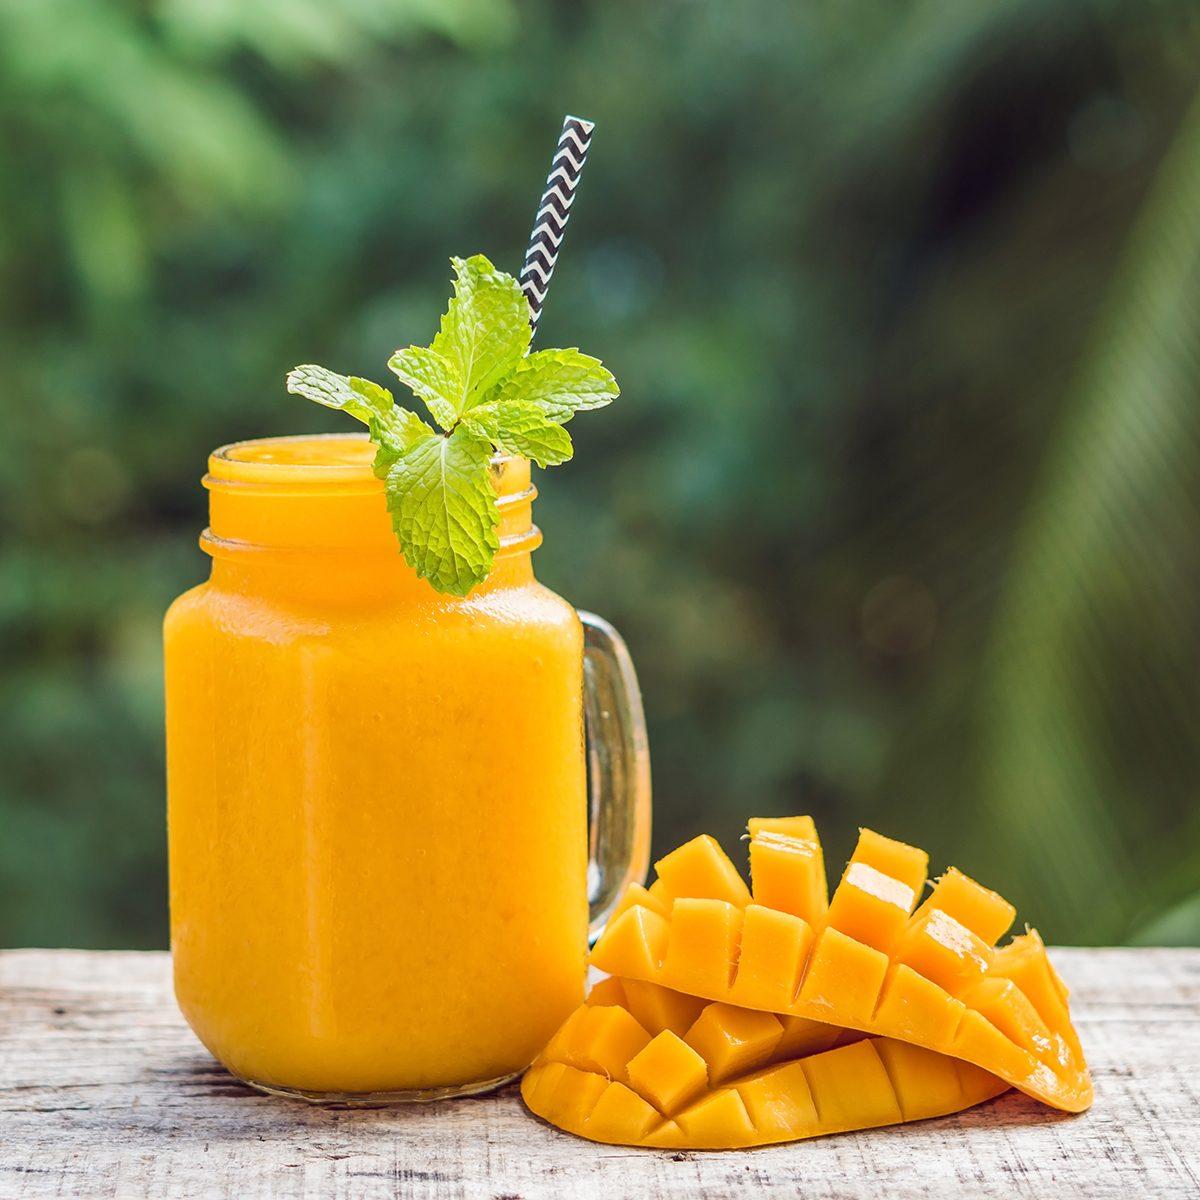 mango-smoothie-shutterstock_1007270005